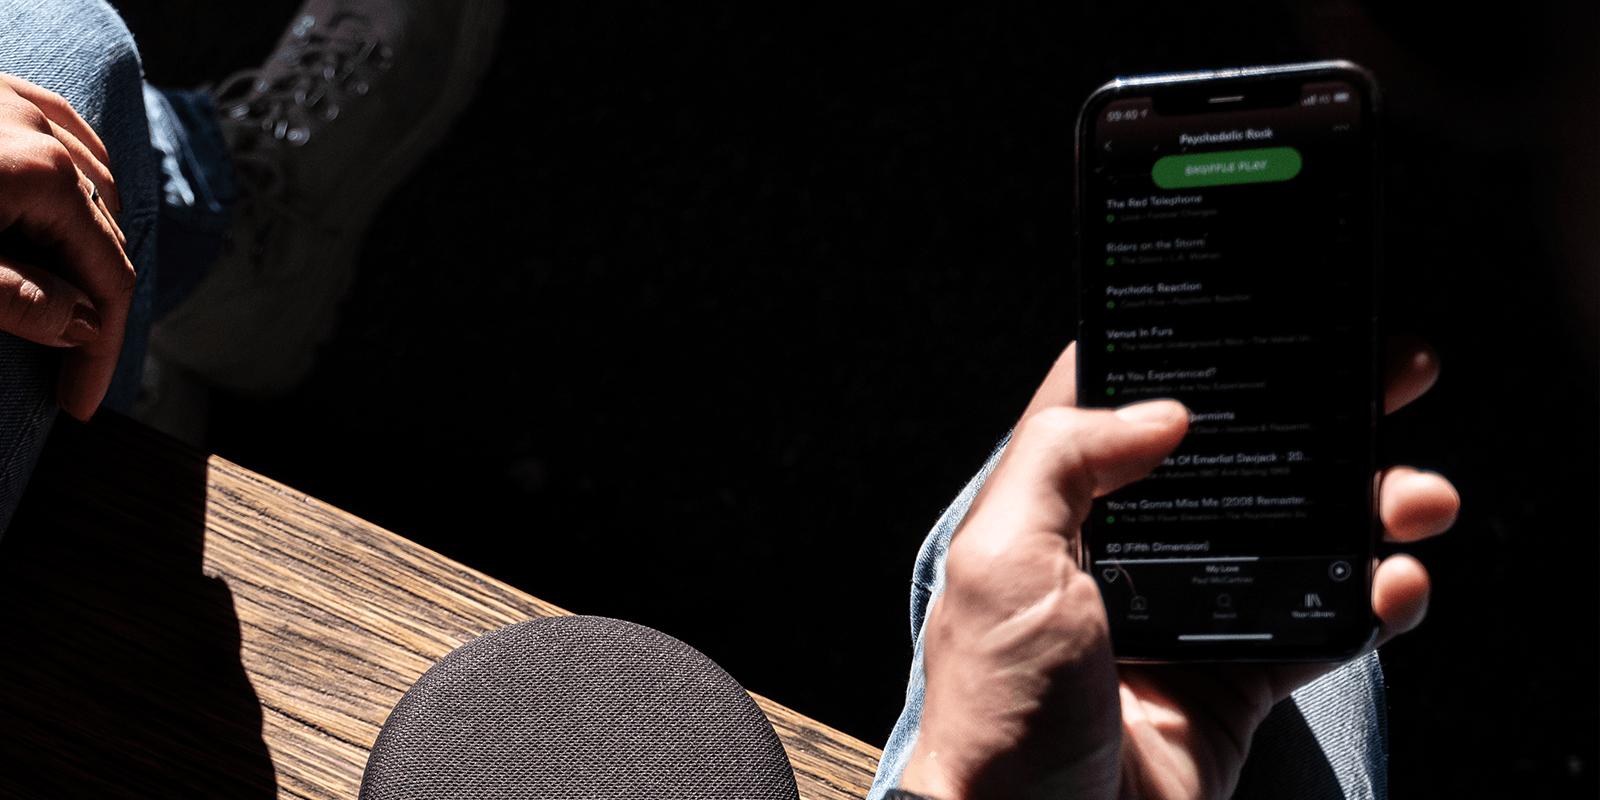 Przegląd serwisów streamingowych. Spotify, Tidal, a może Apple Music? Który wybrać?, Denon Store